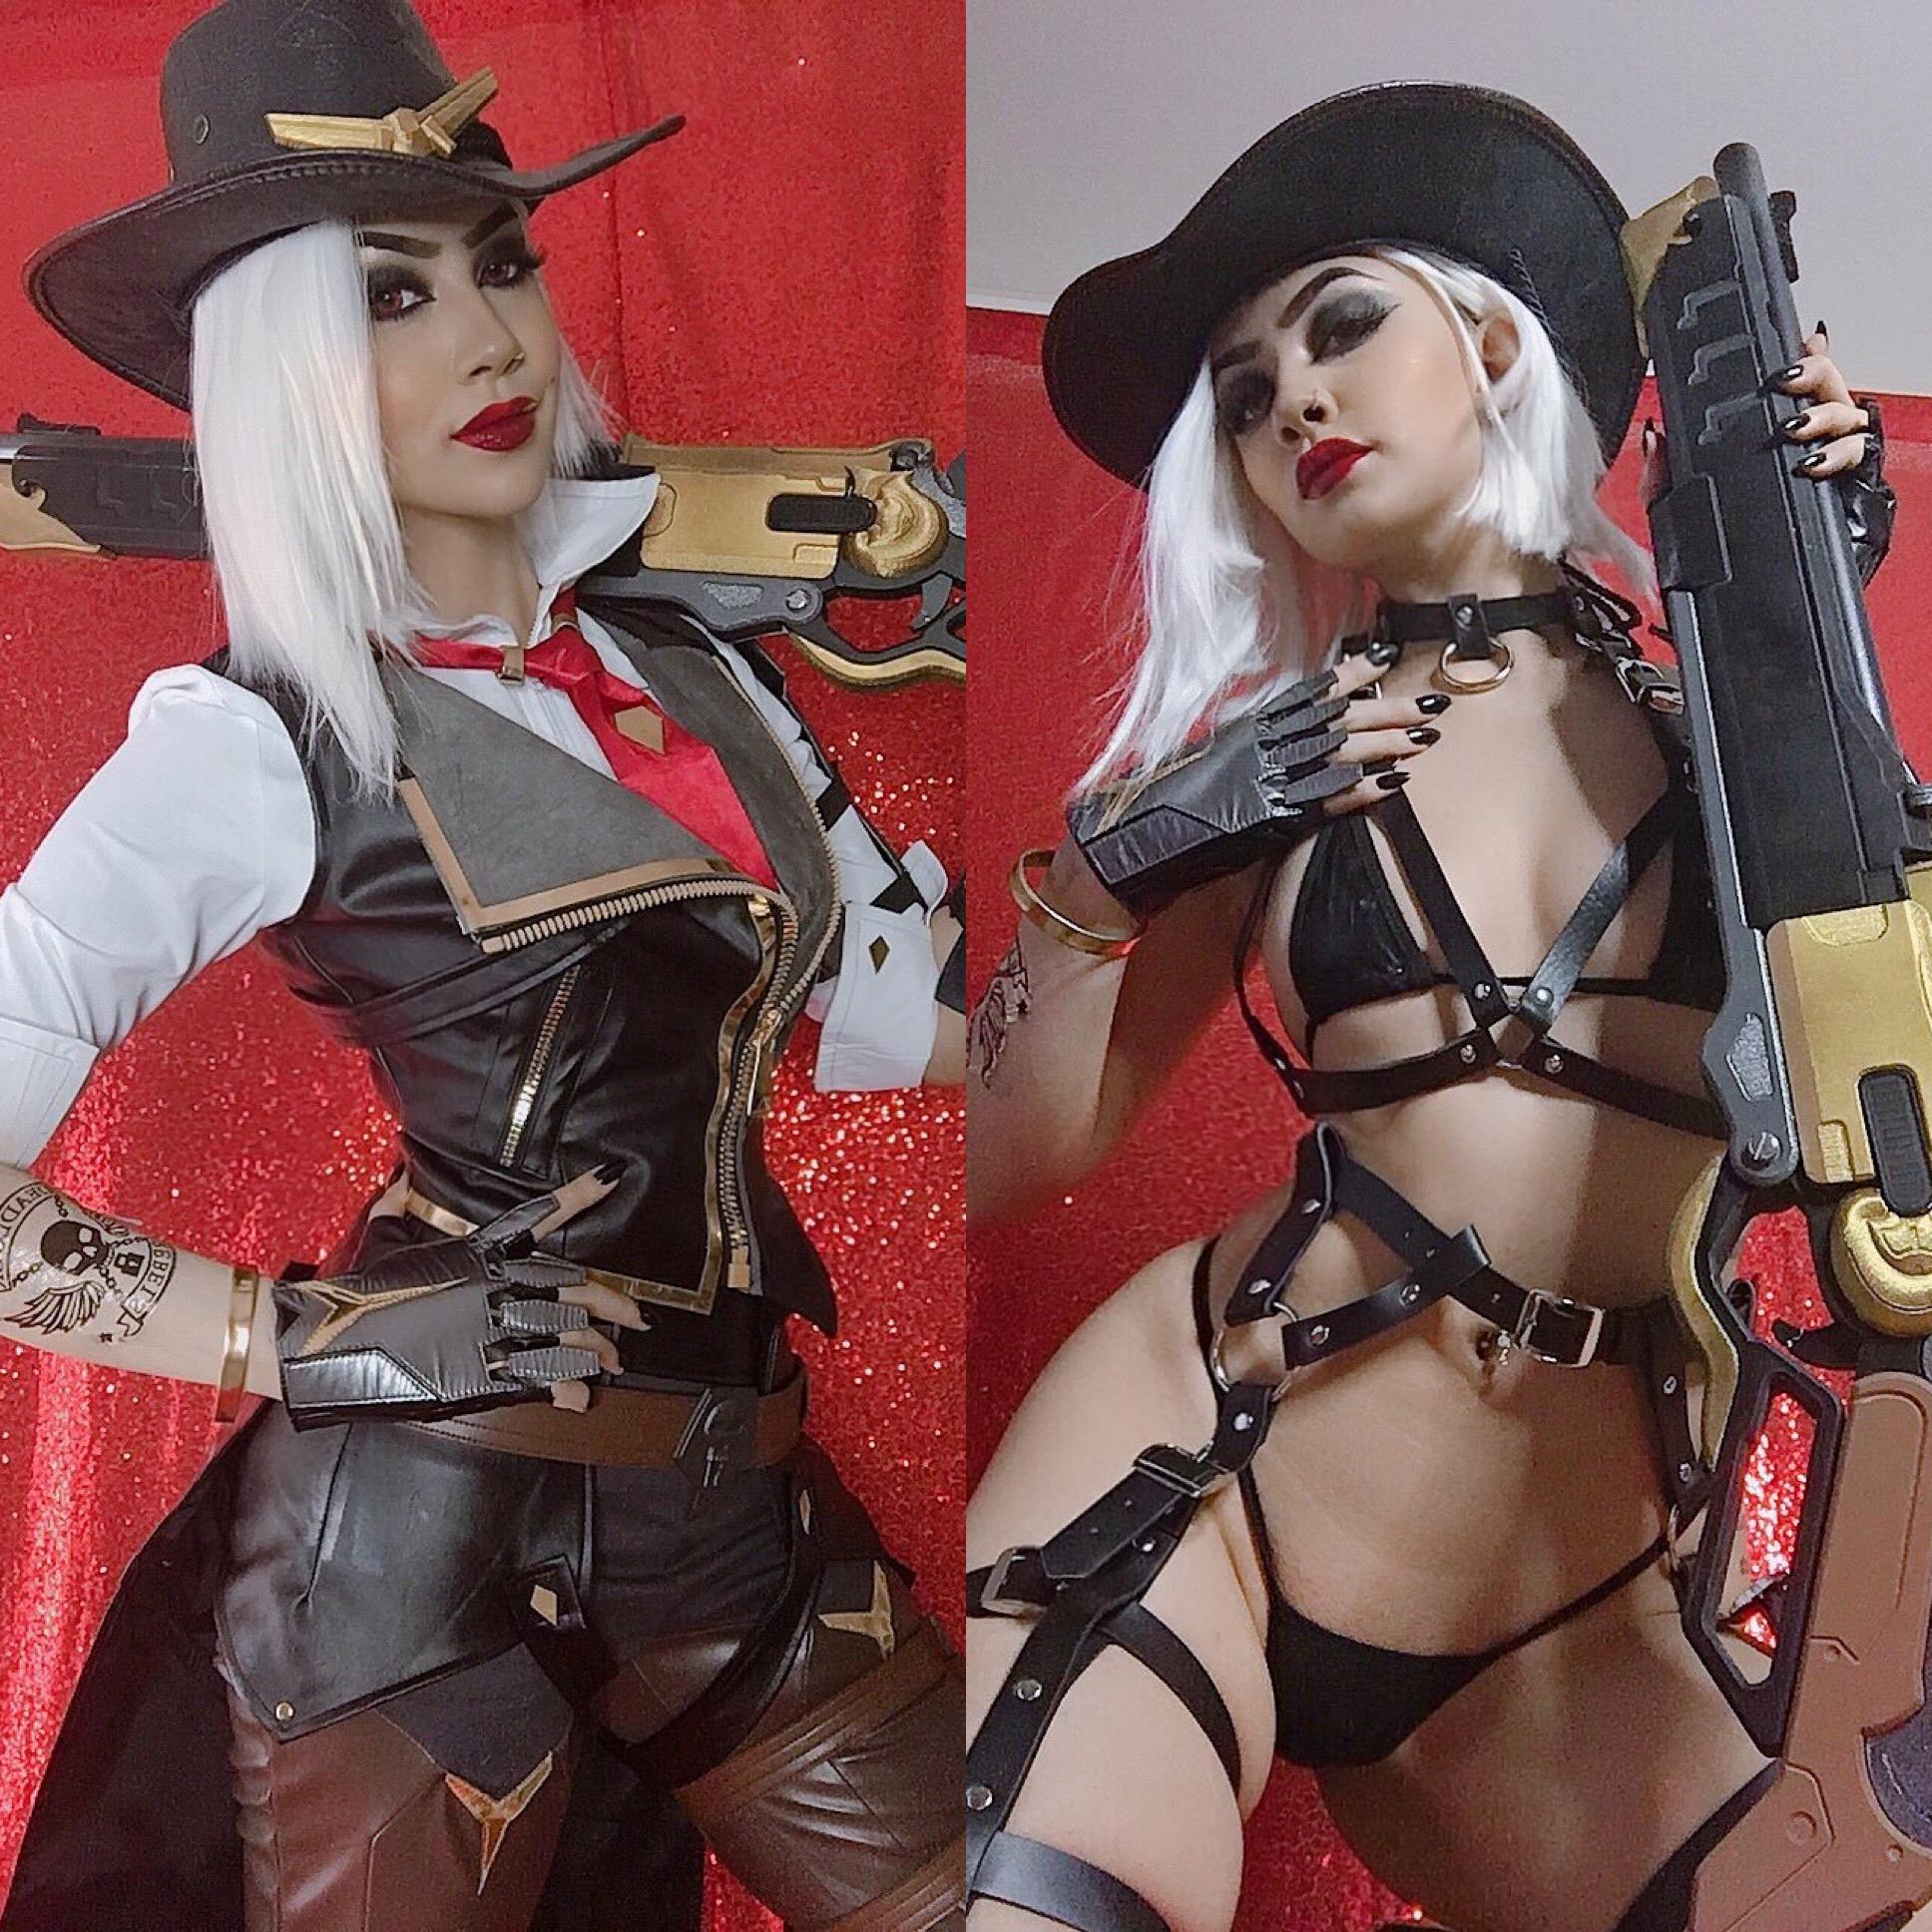 Porn ashe cosplay Danni ashe